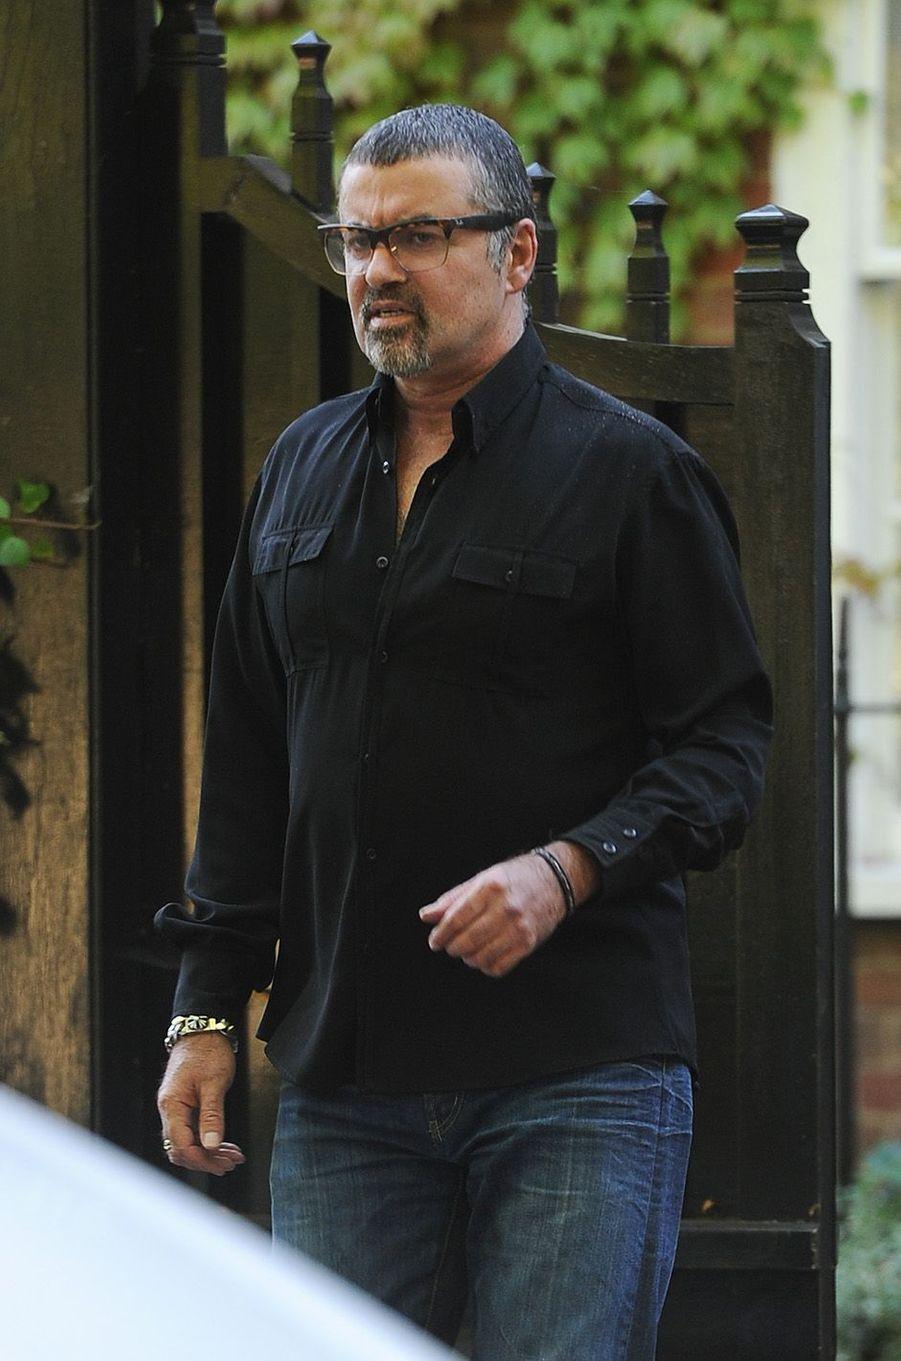 George Michael condamné à un mois de prison en 2010 pour conduite sous stupéfiants.